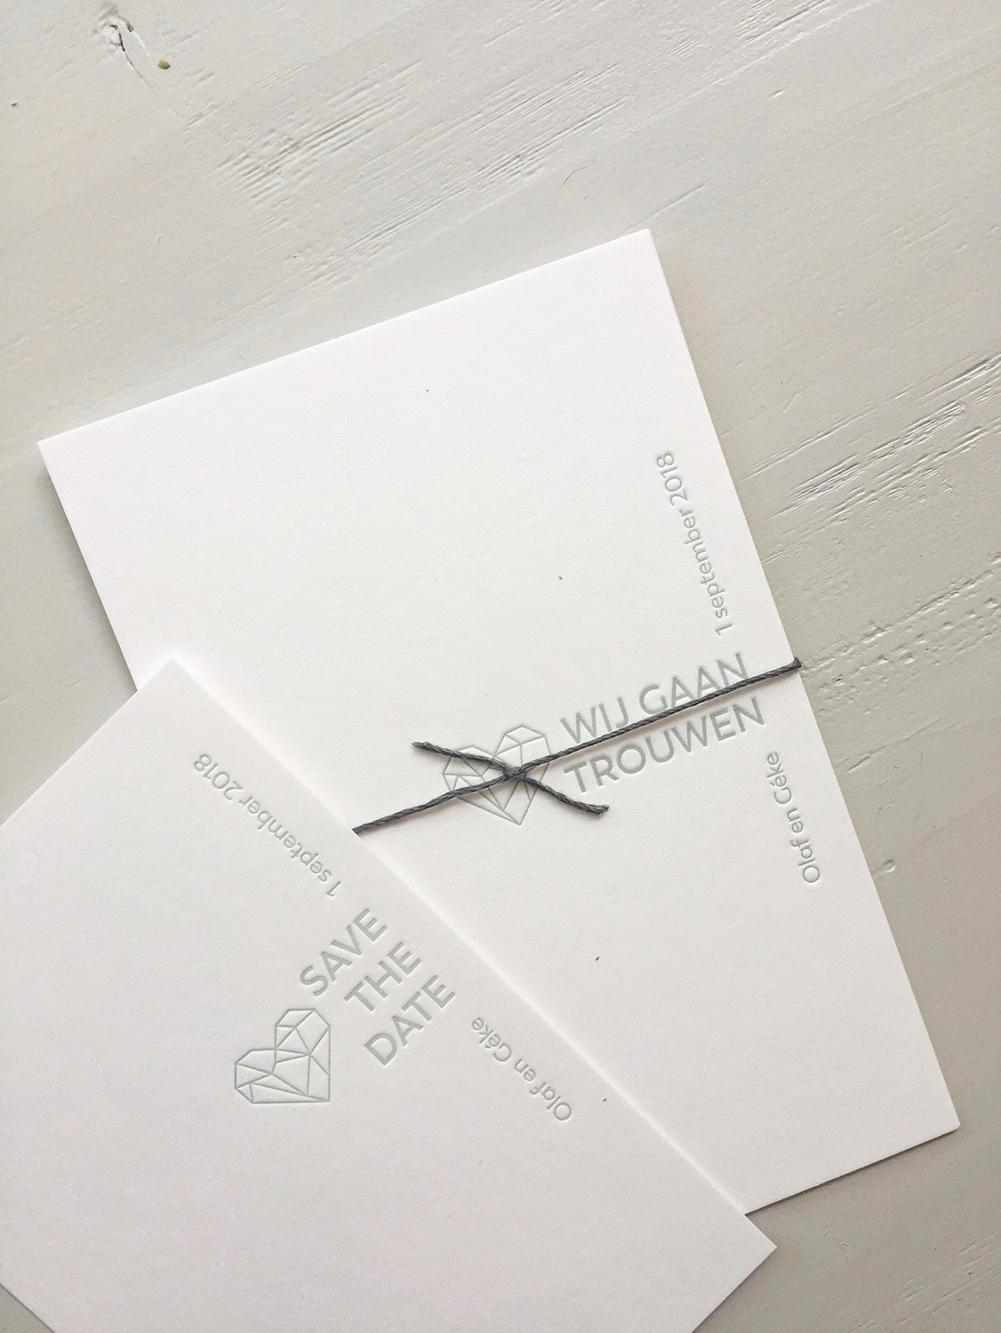 Letterpress trouwkaart Olaf en Géke | Studio Moose